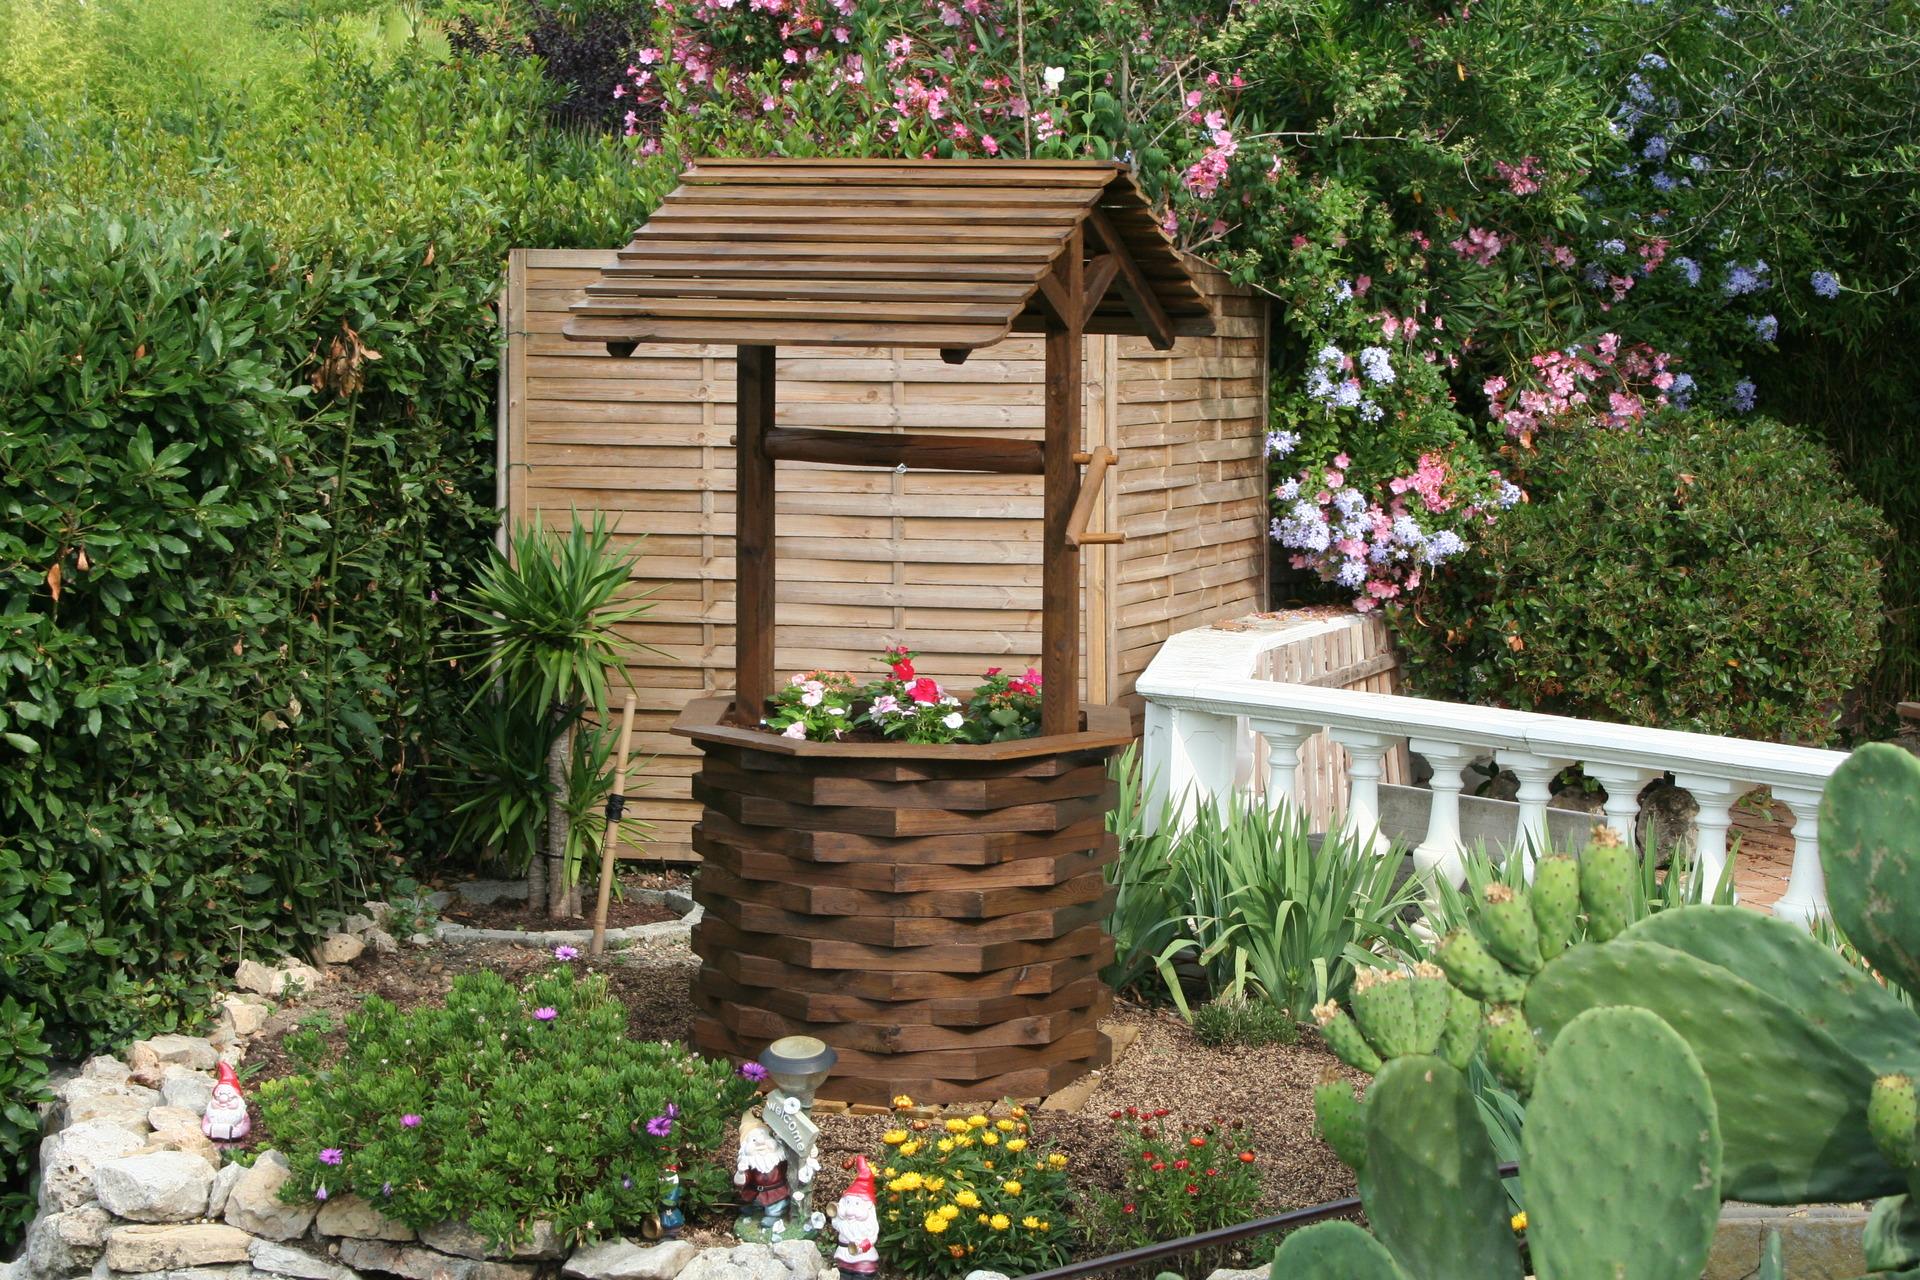 Decoration exterieur puit - Decorations exterieures de jardin ...